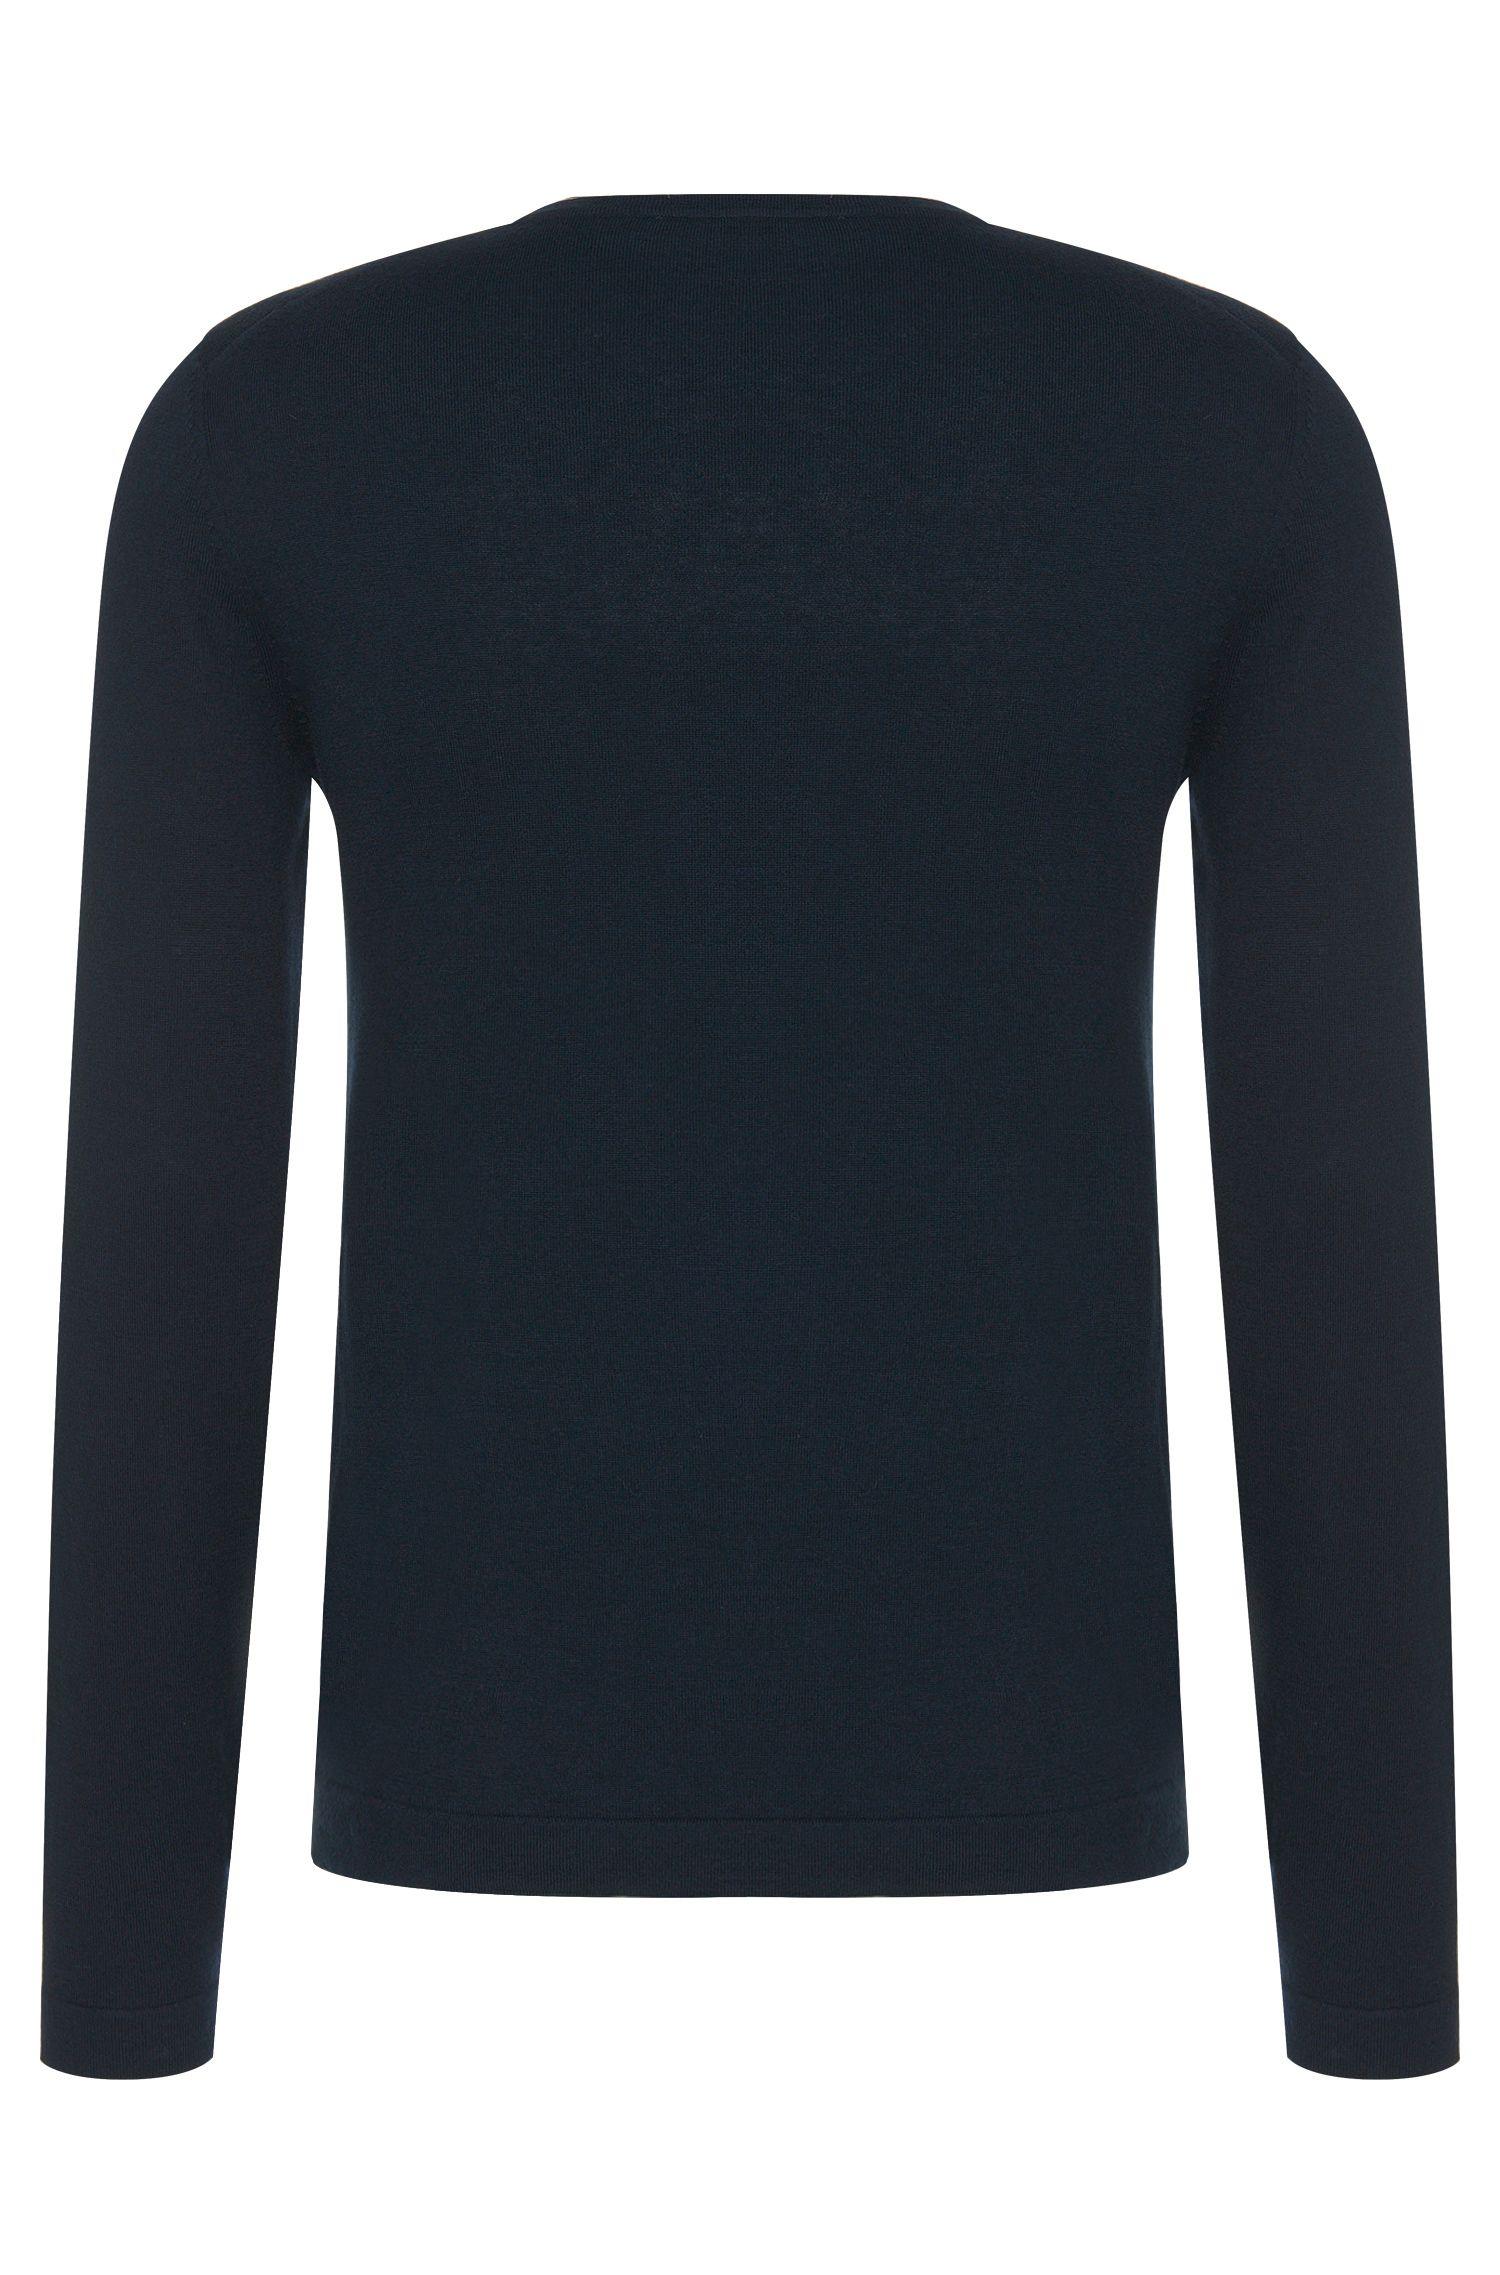 Slim-Fit Pullover aus Baumwoll-Mix mit Kaschmir-Anteil und geometrischem Front-Muster: 'Balboni'